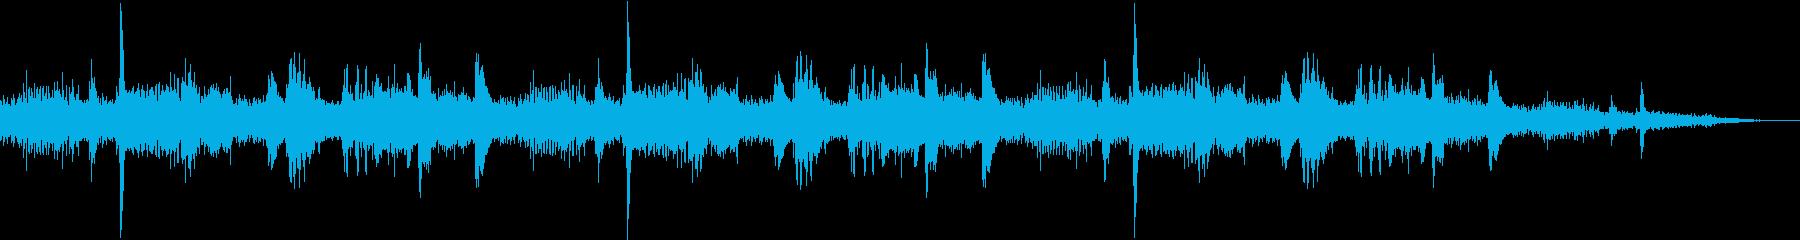 森のざわめきの再生済みの波形